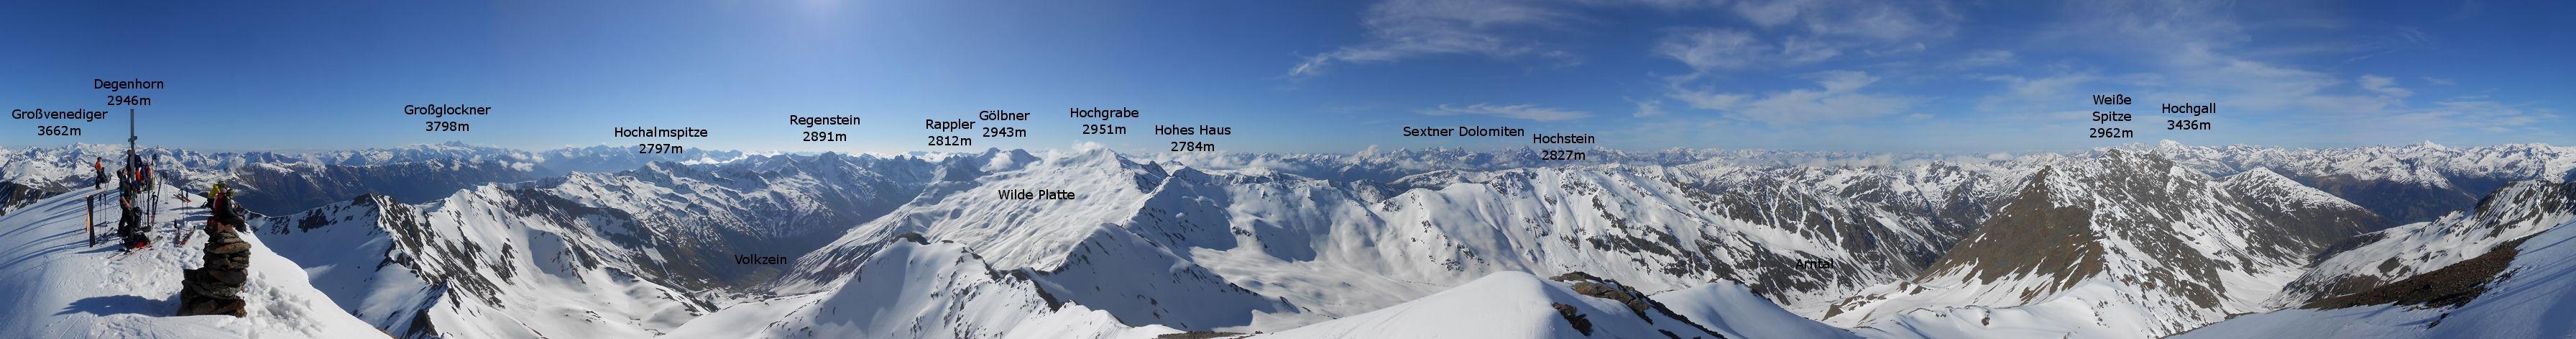 Panorama_Degenhorn